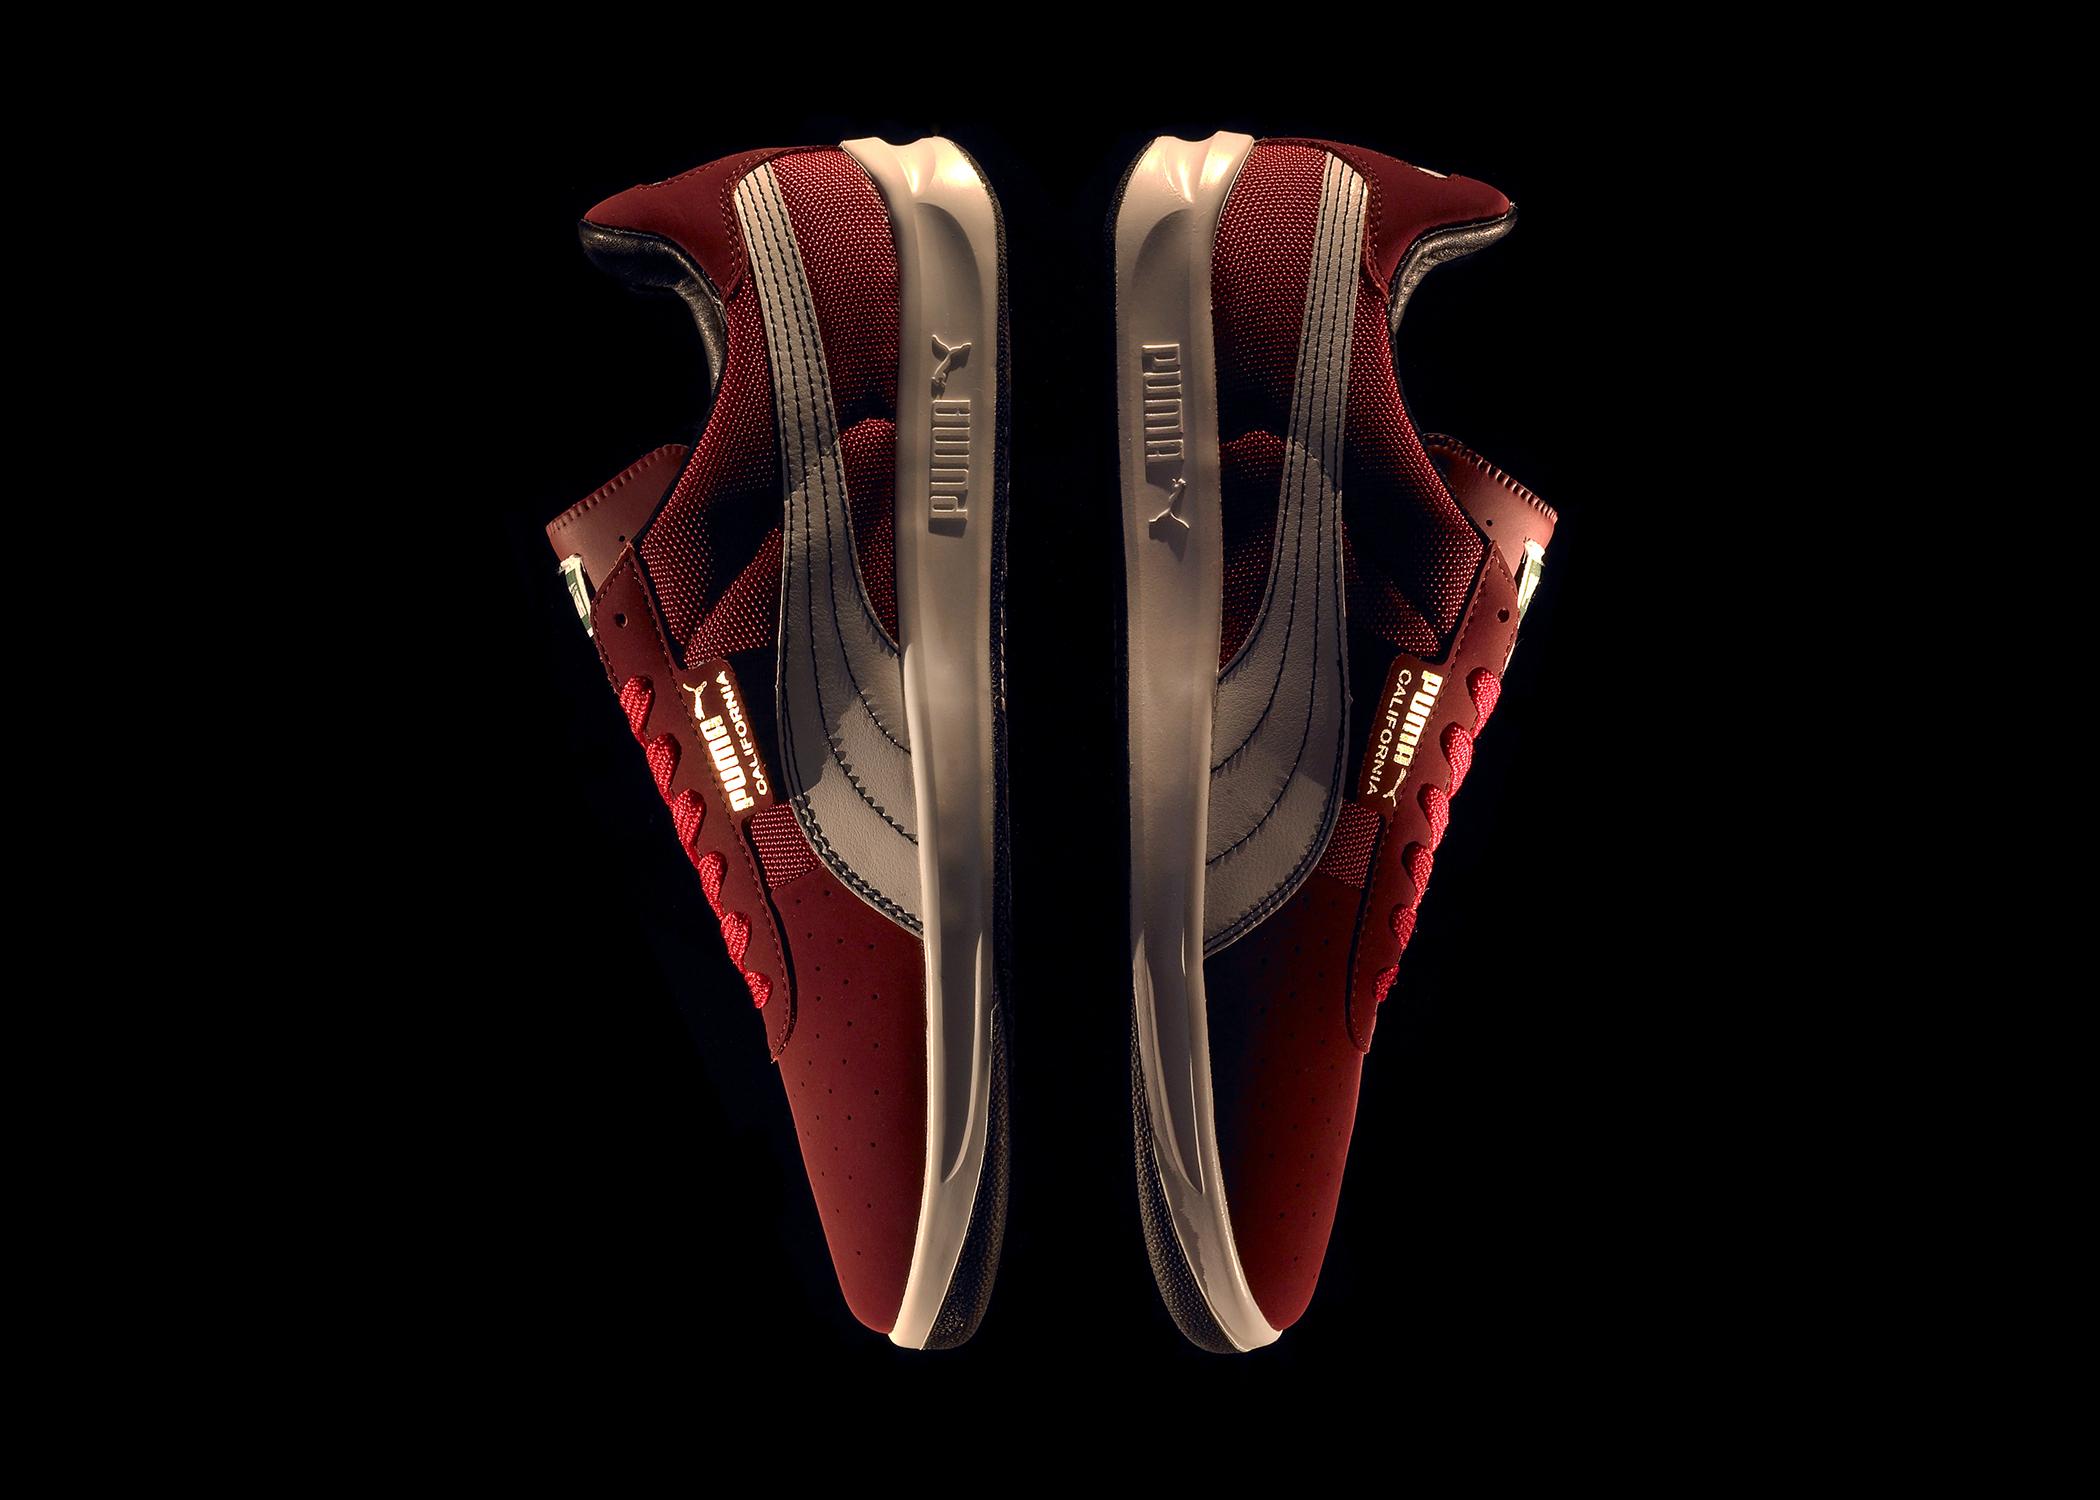 PumaShoes.jpg